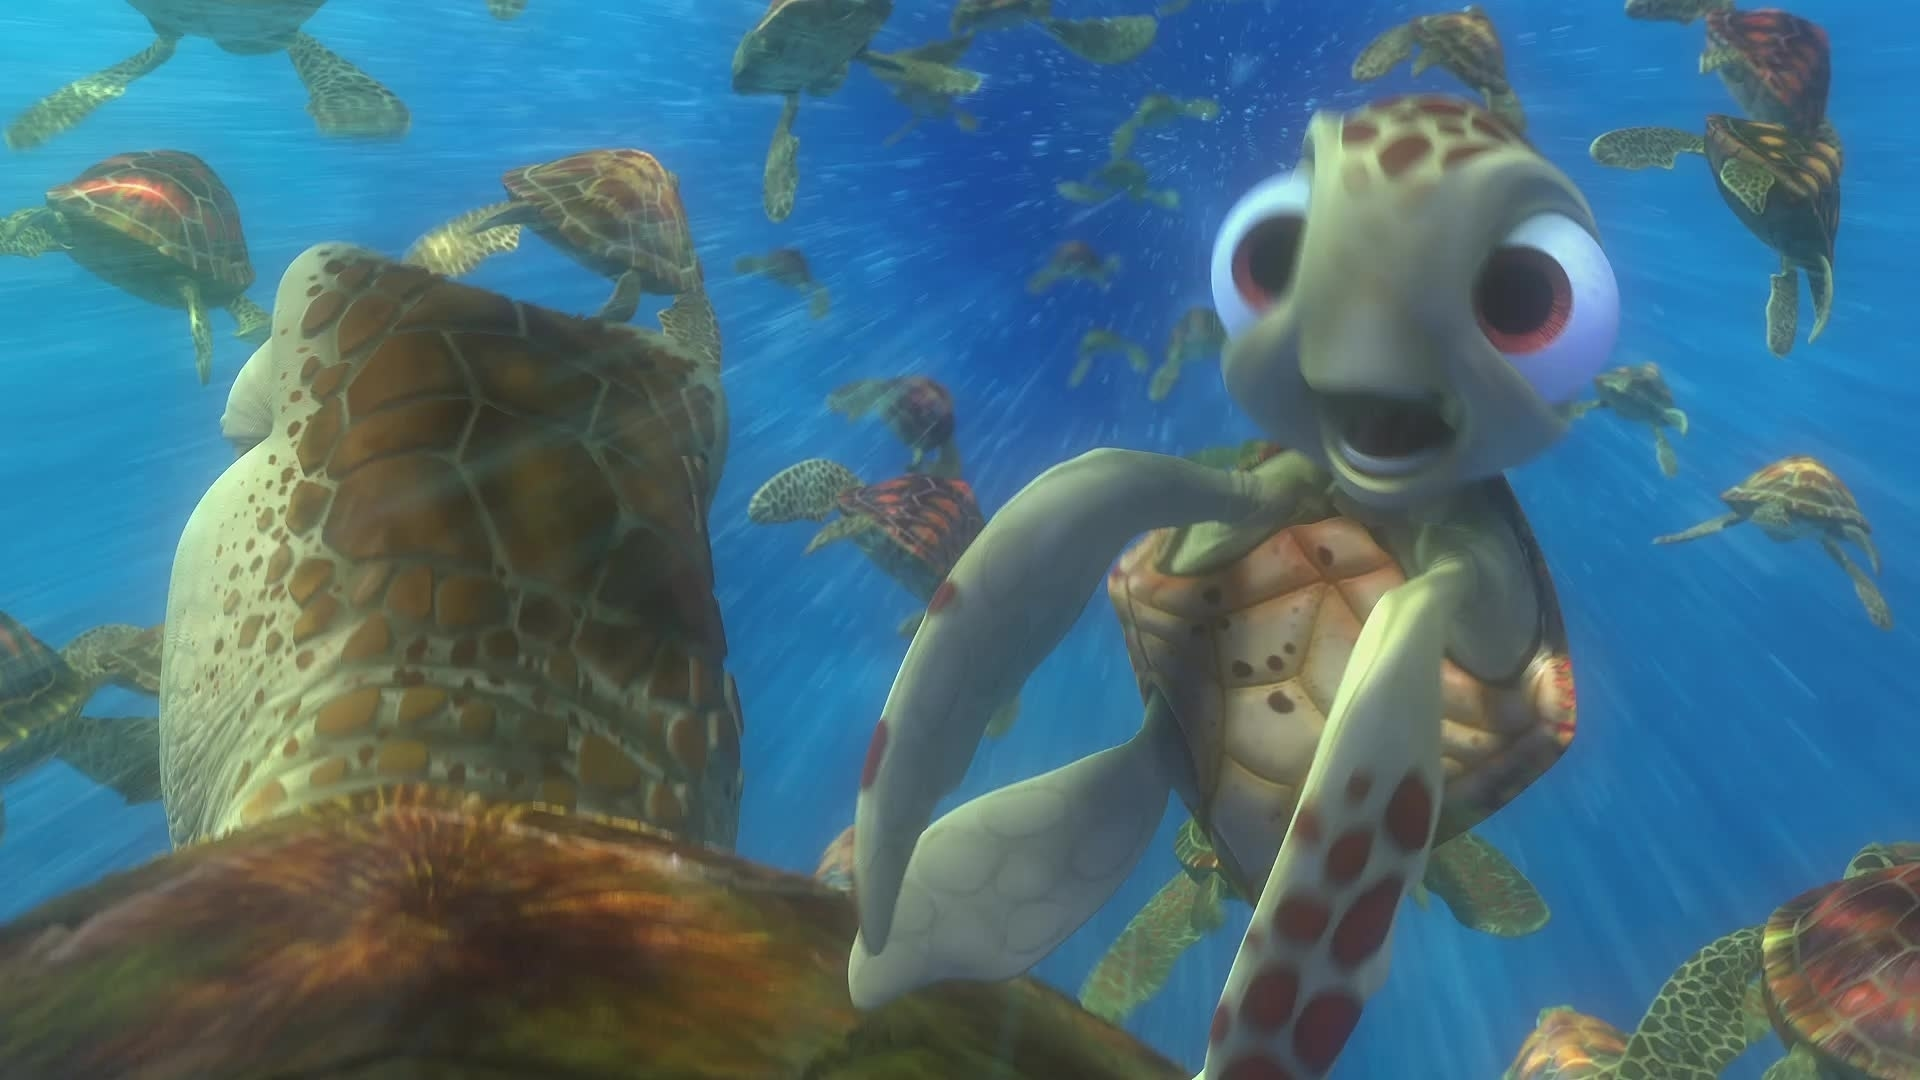 Le Monde De Nemo 3D - Extrait - La procédure de sortie